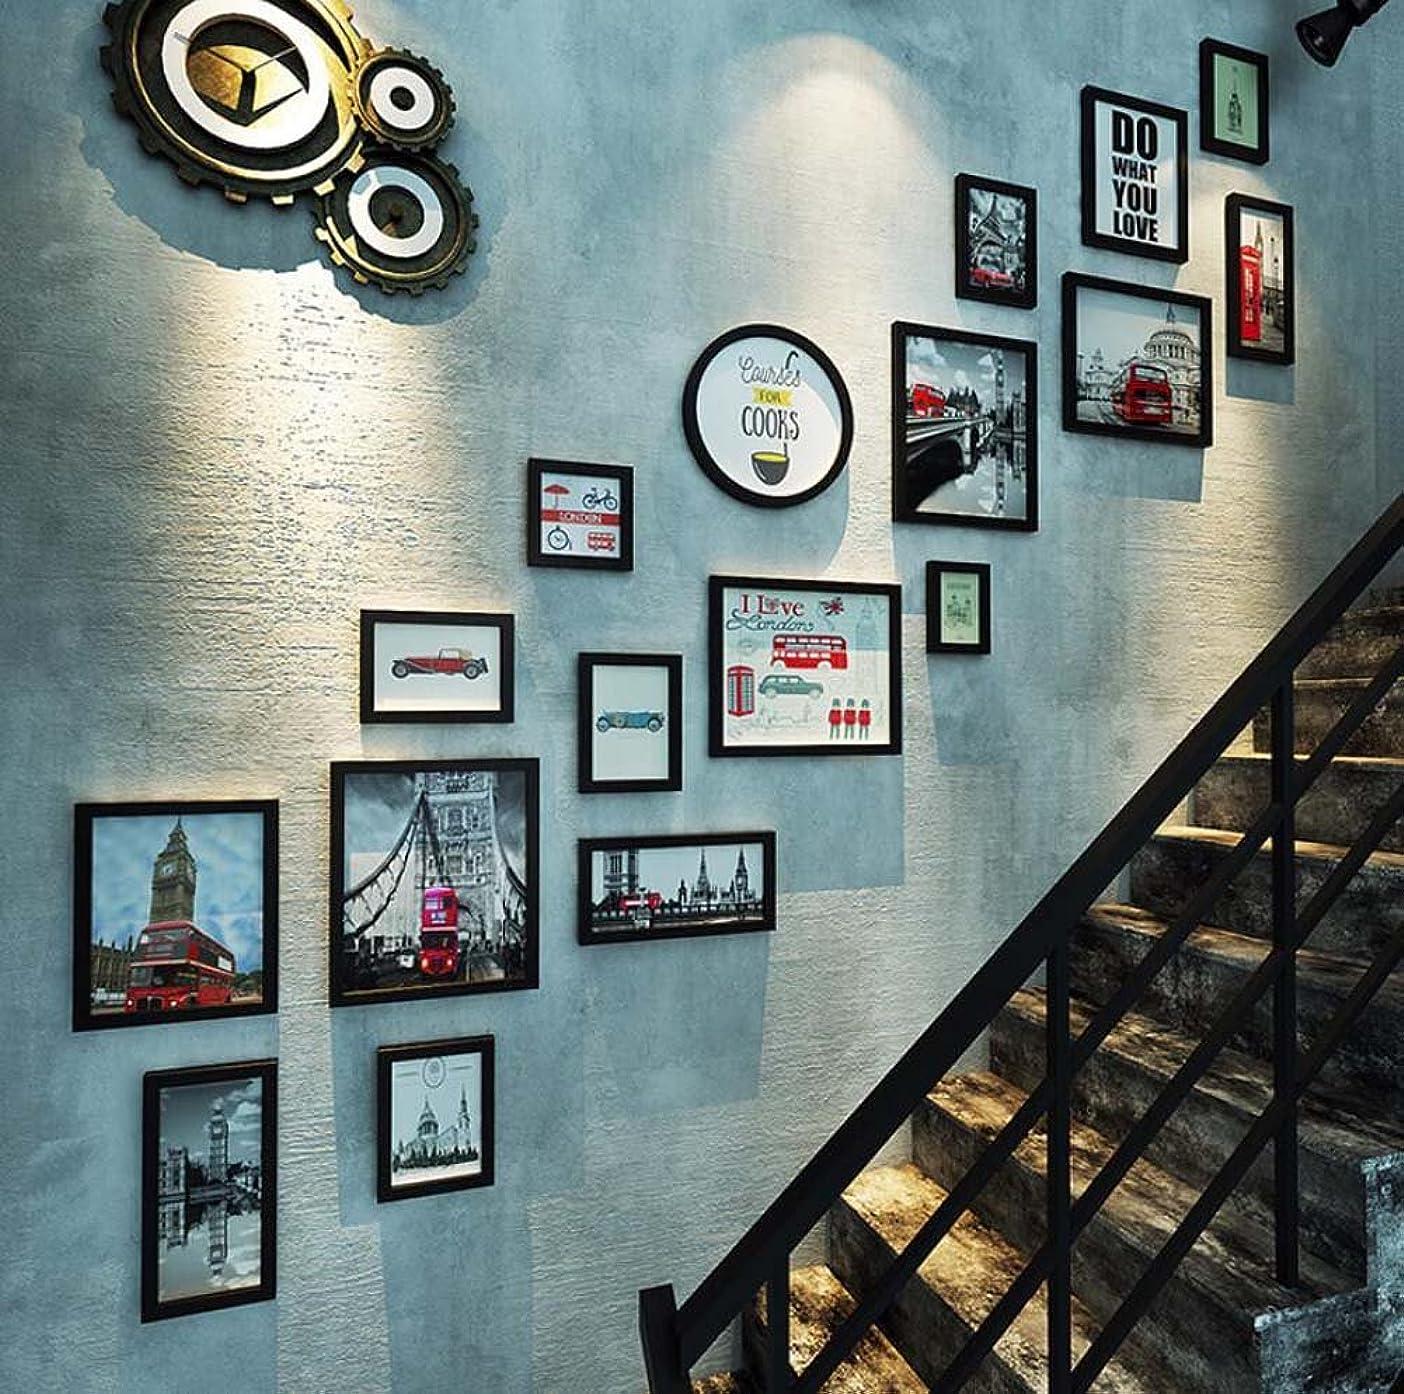 無限技術的なクロールテレビの背景壁掛け絵画の組み合わせ装飾的な絵画、創造的な壁掛け木製フレーム、17額縁階段壁の装飾の組み合わせ(長方形+ラウンド) (色 : ブラック, サイズ さいず : C)